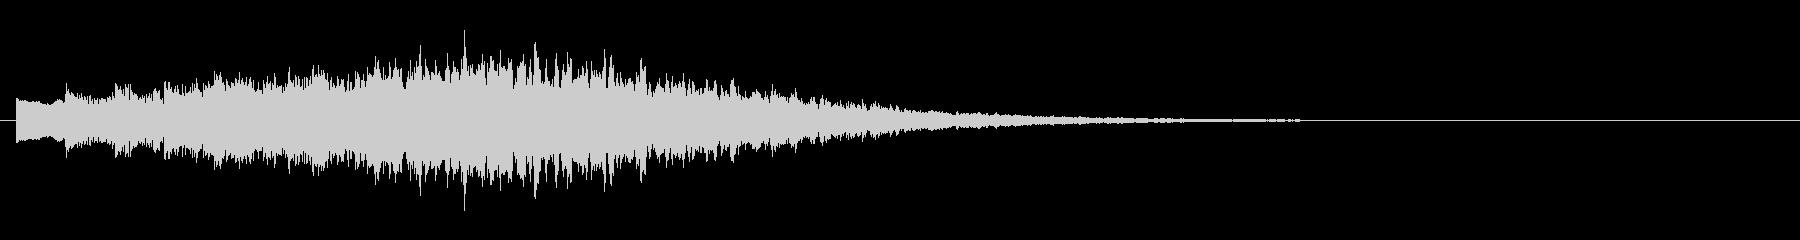 KANTシンセジングル011167の未再生の波形